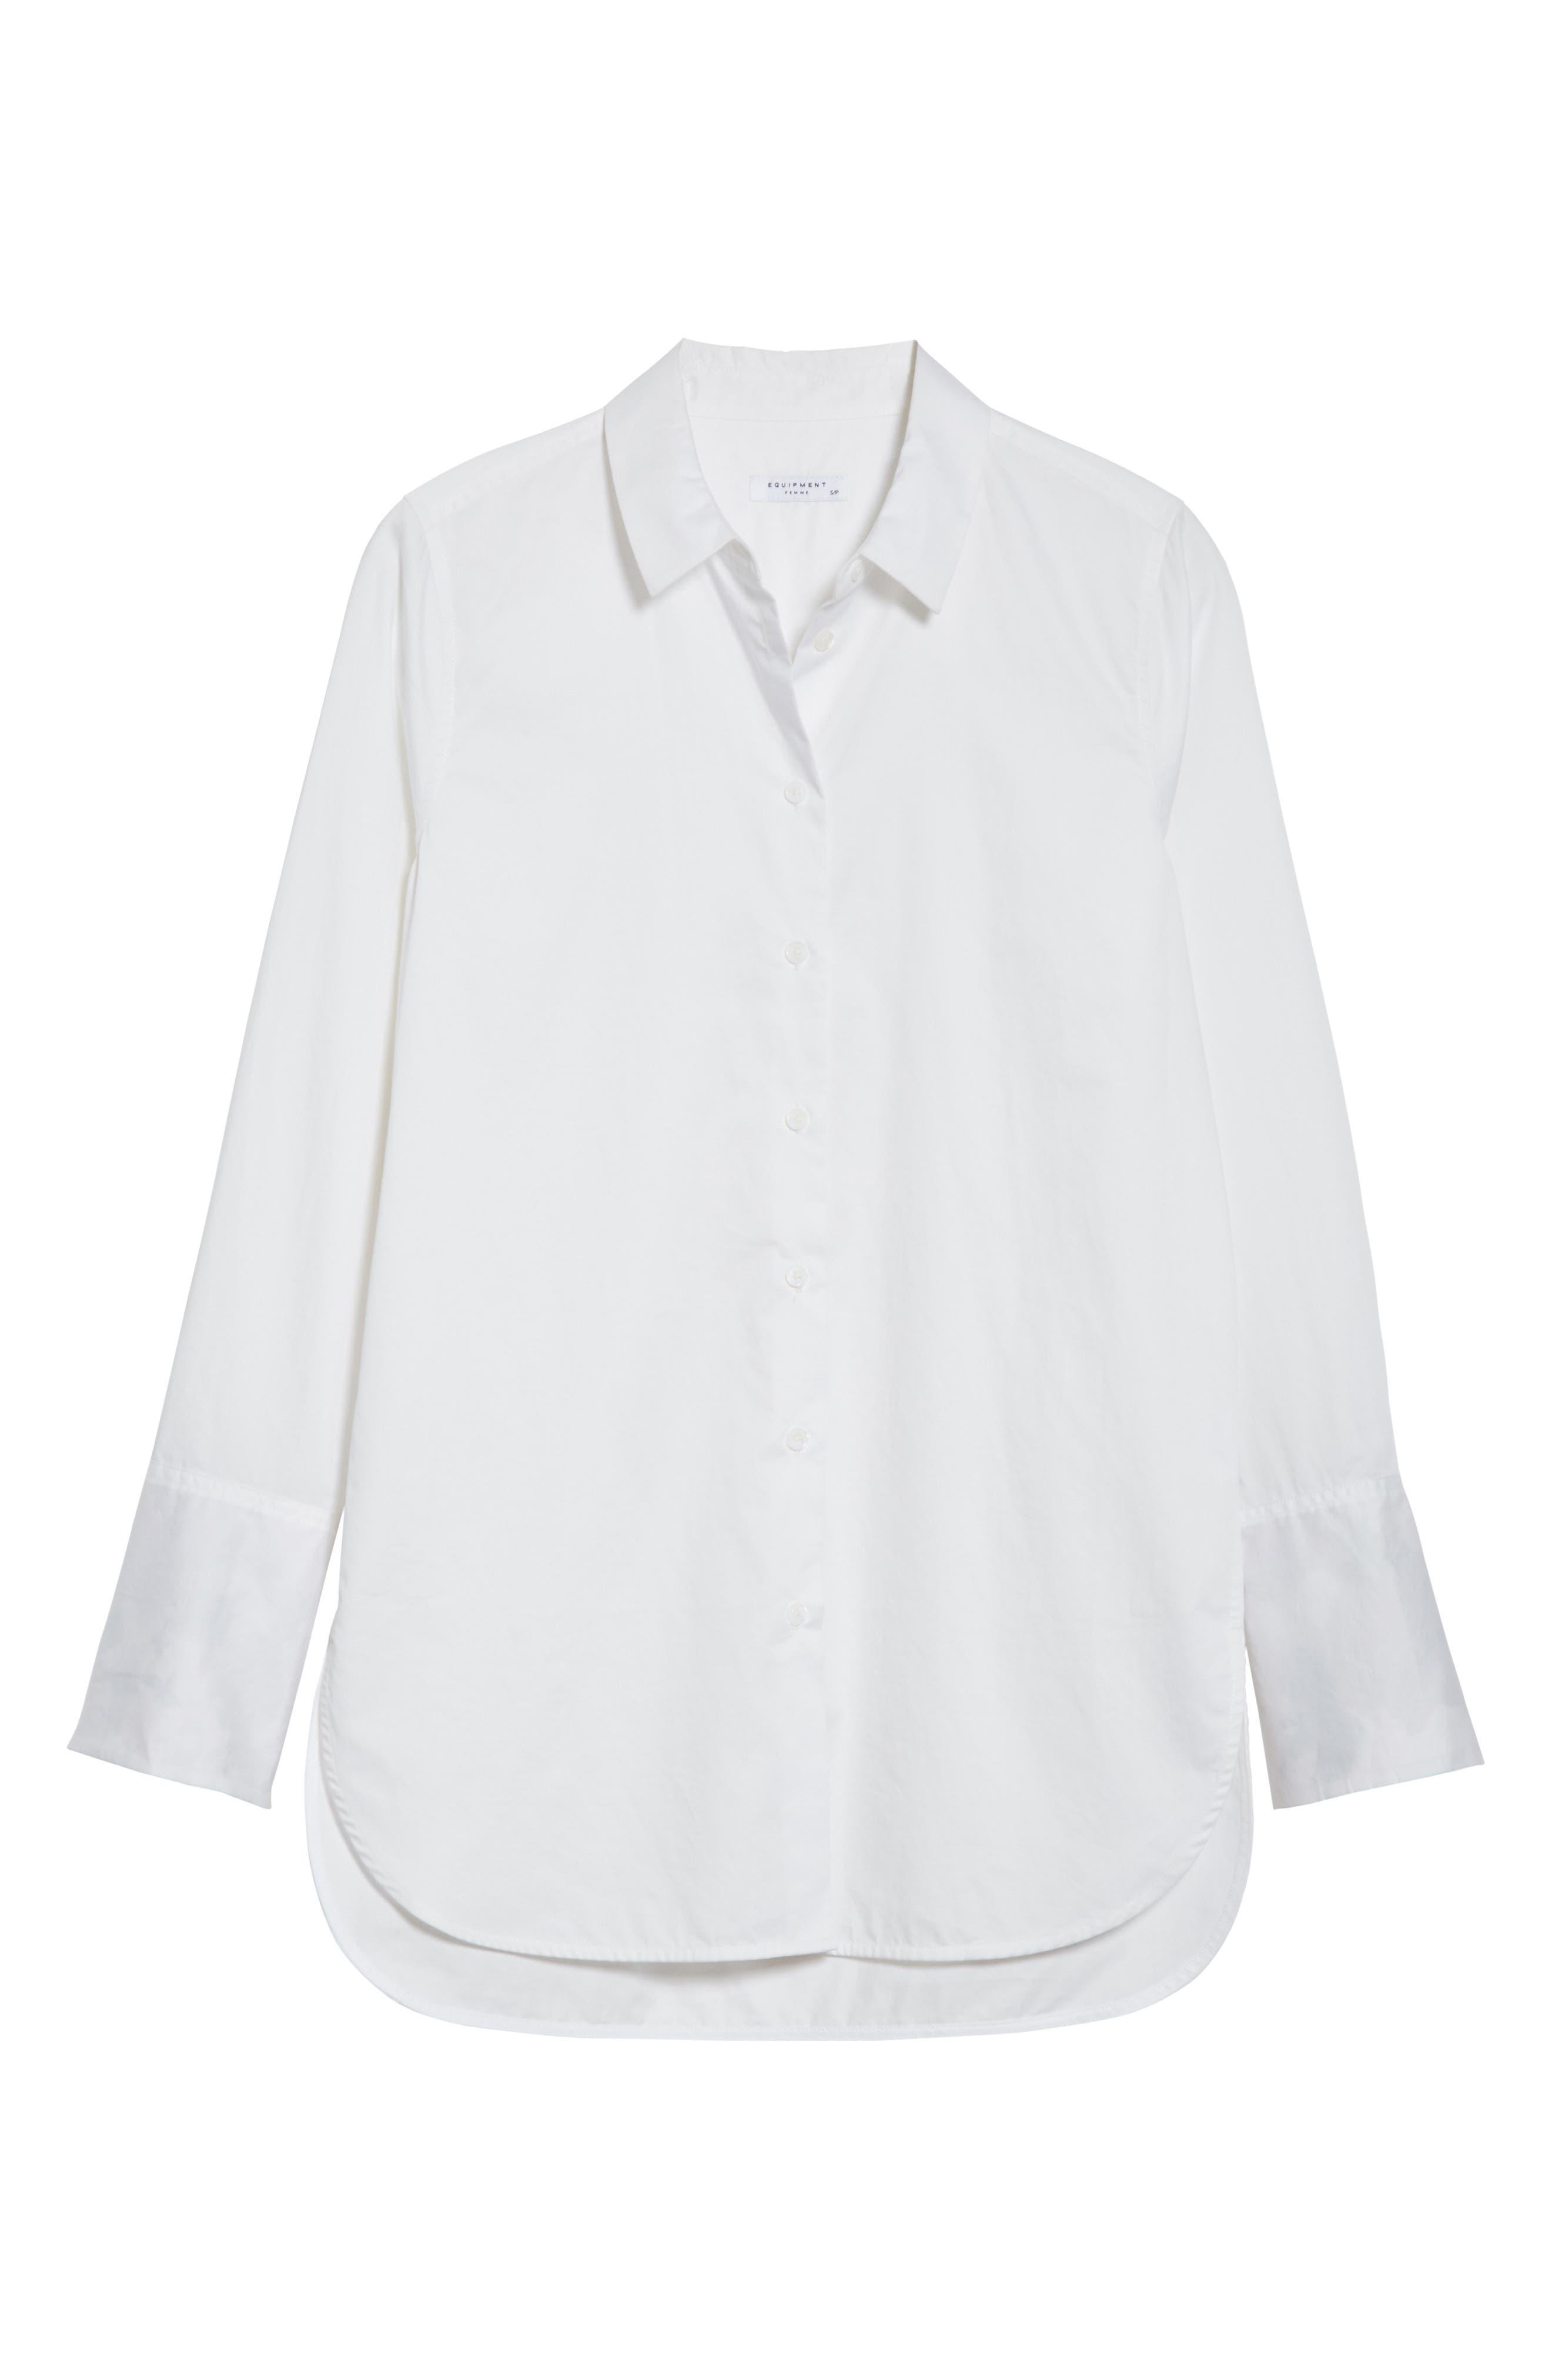 Arlette Cotton Shirt,                             Alternate thumbnail 6, color,                             111